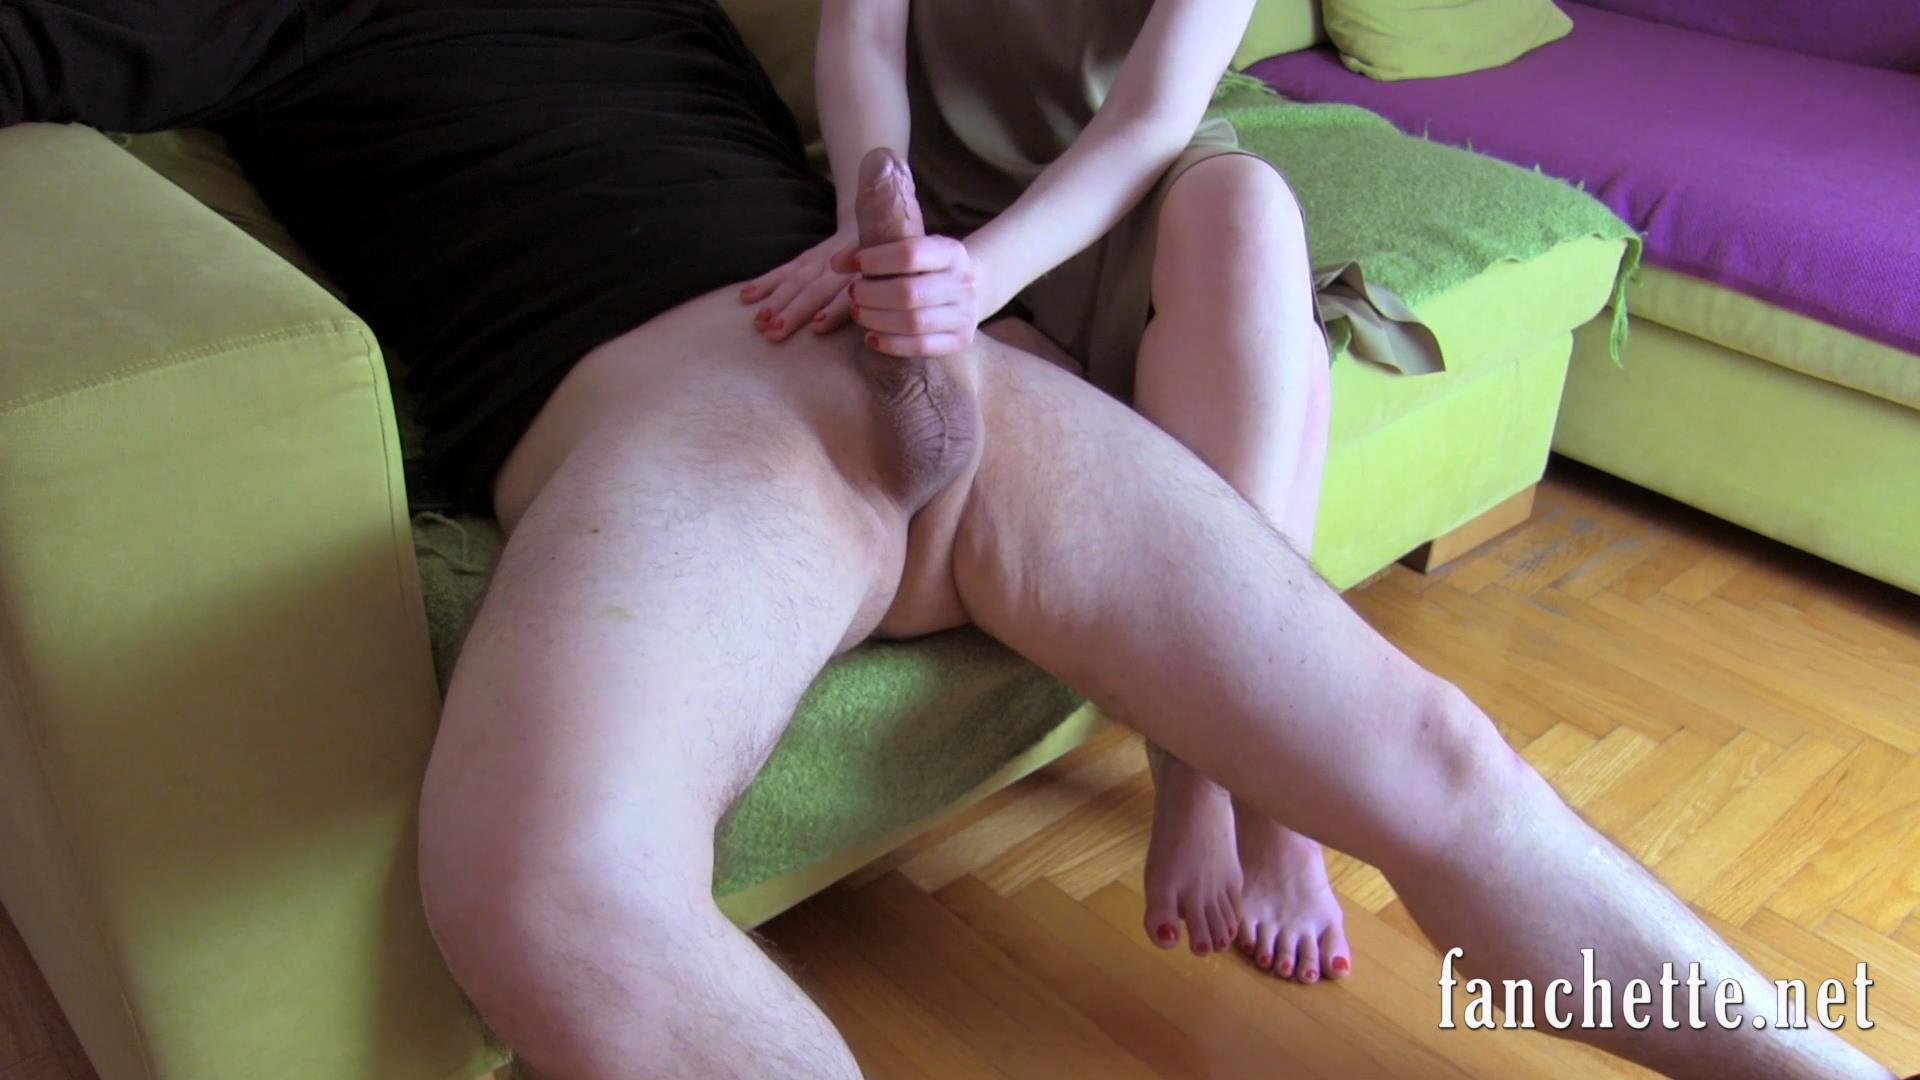 Des pieds et des mains – Chronicles of Mlle Fanchette